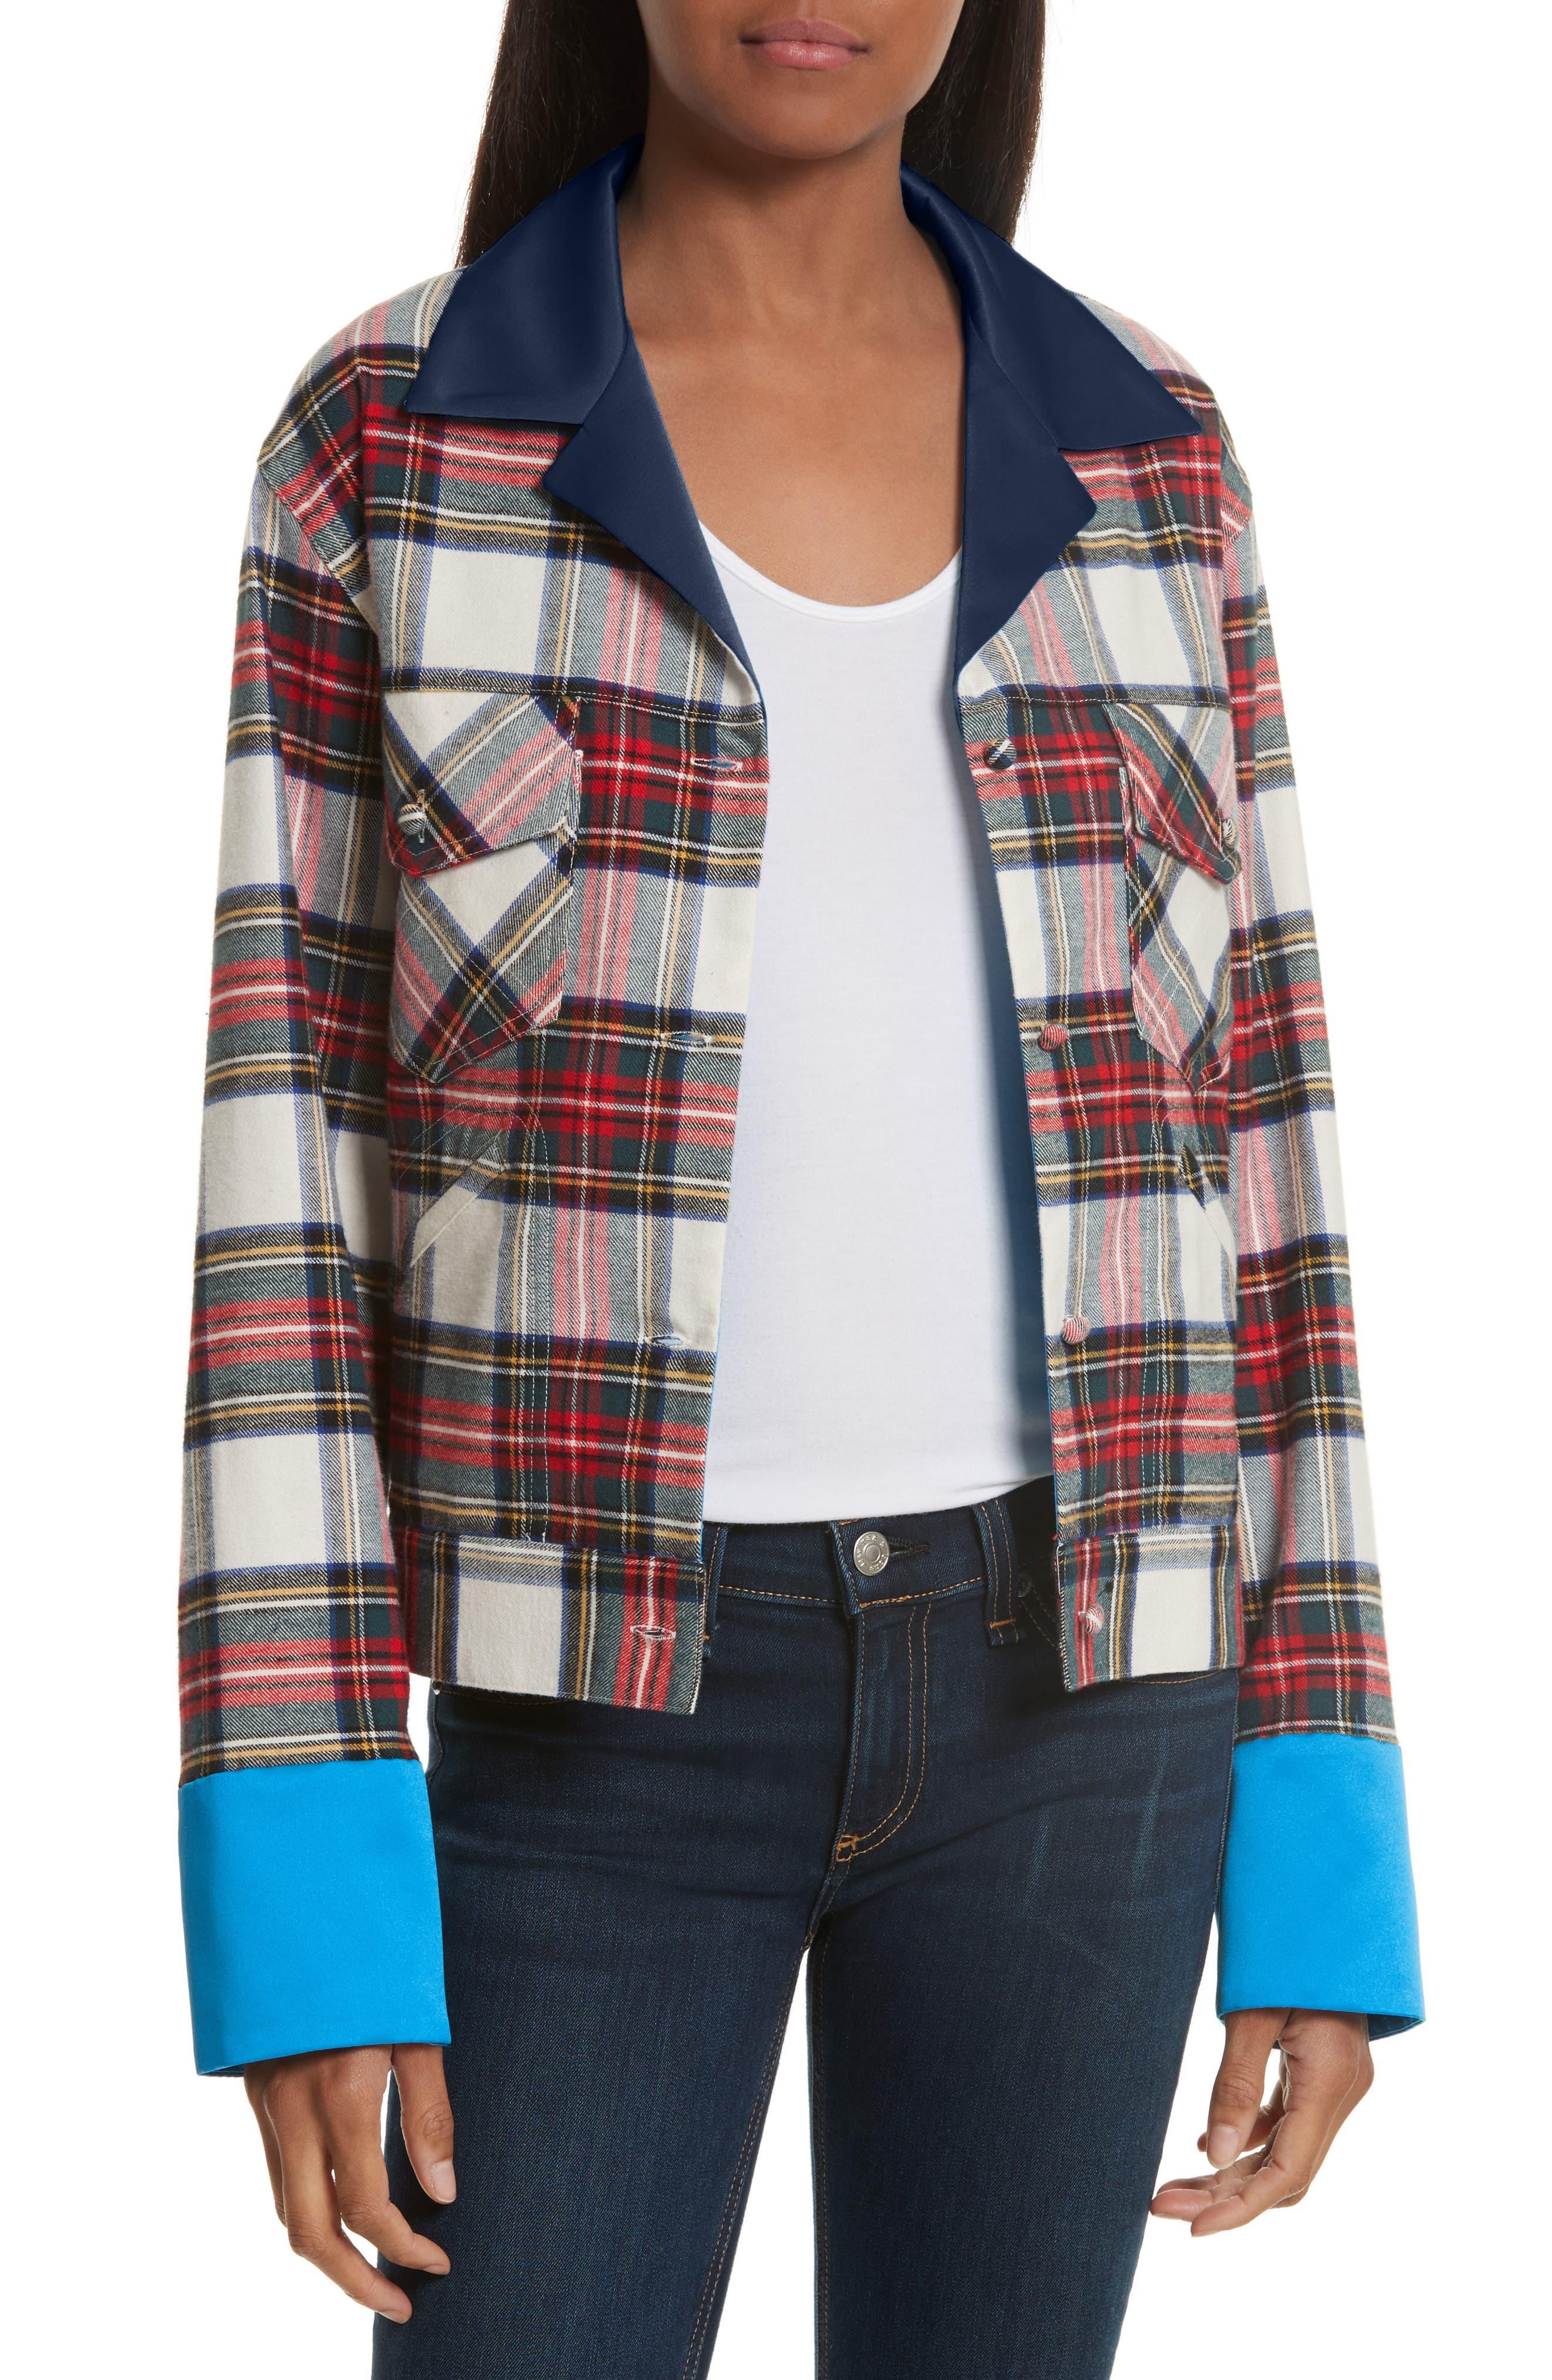 Harvey Faircloth Navy Satin Collar Plaid Flannel Jacket